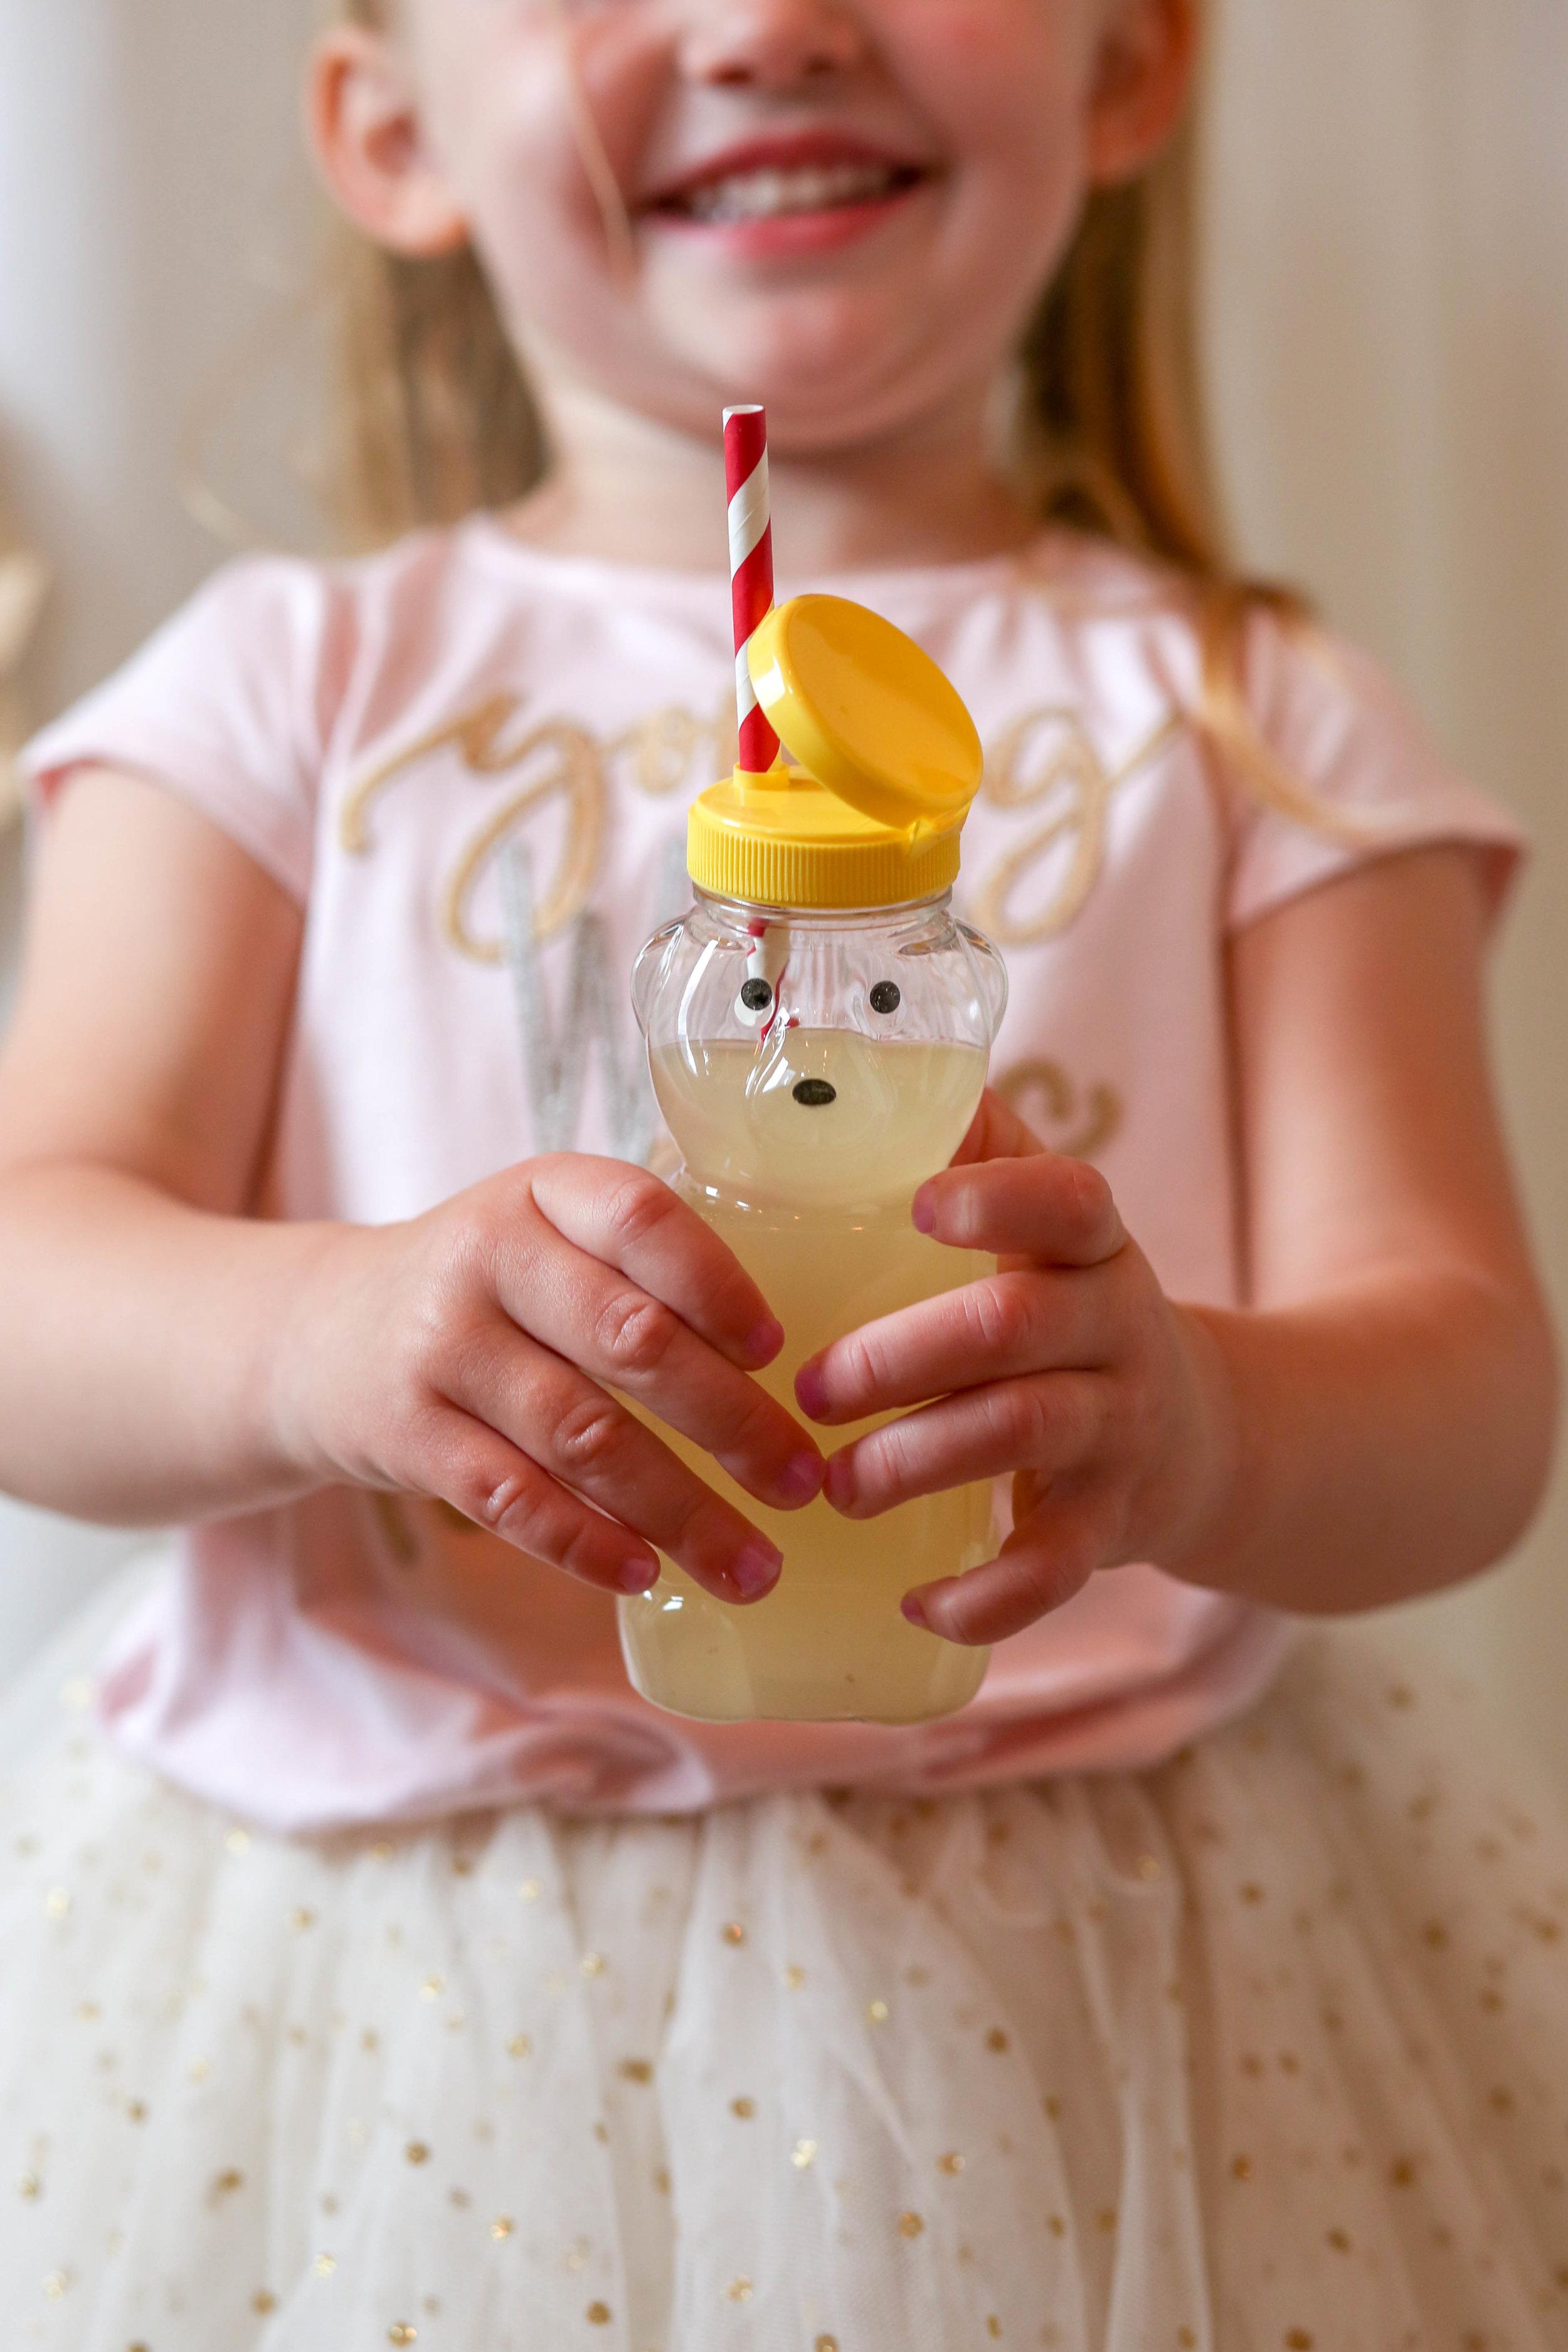 Lemonade for the little ones